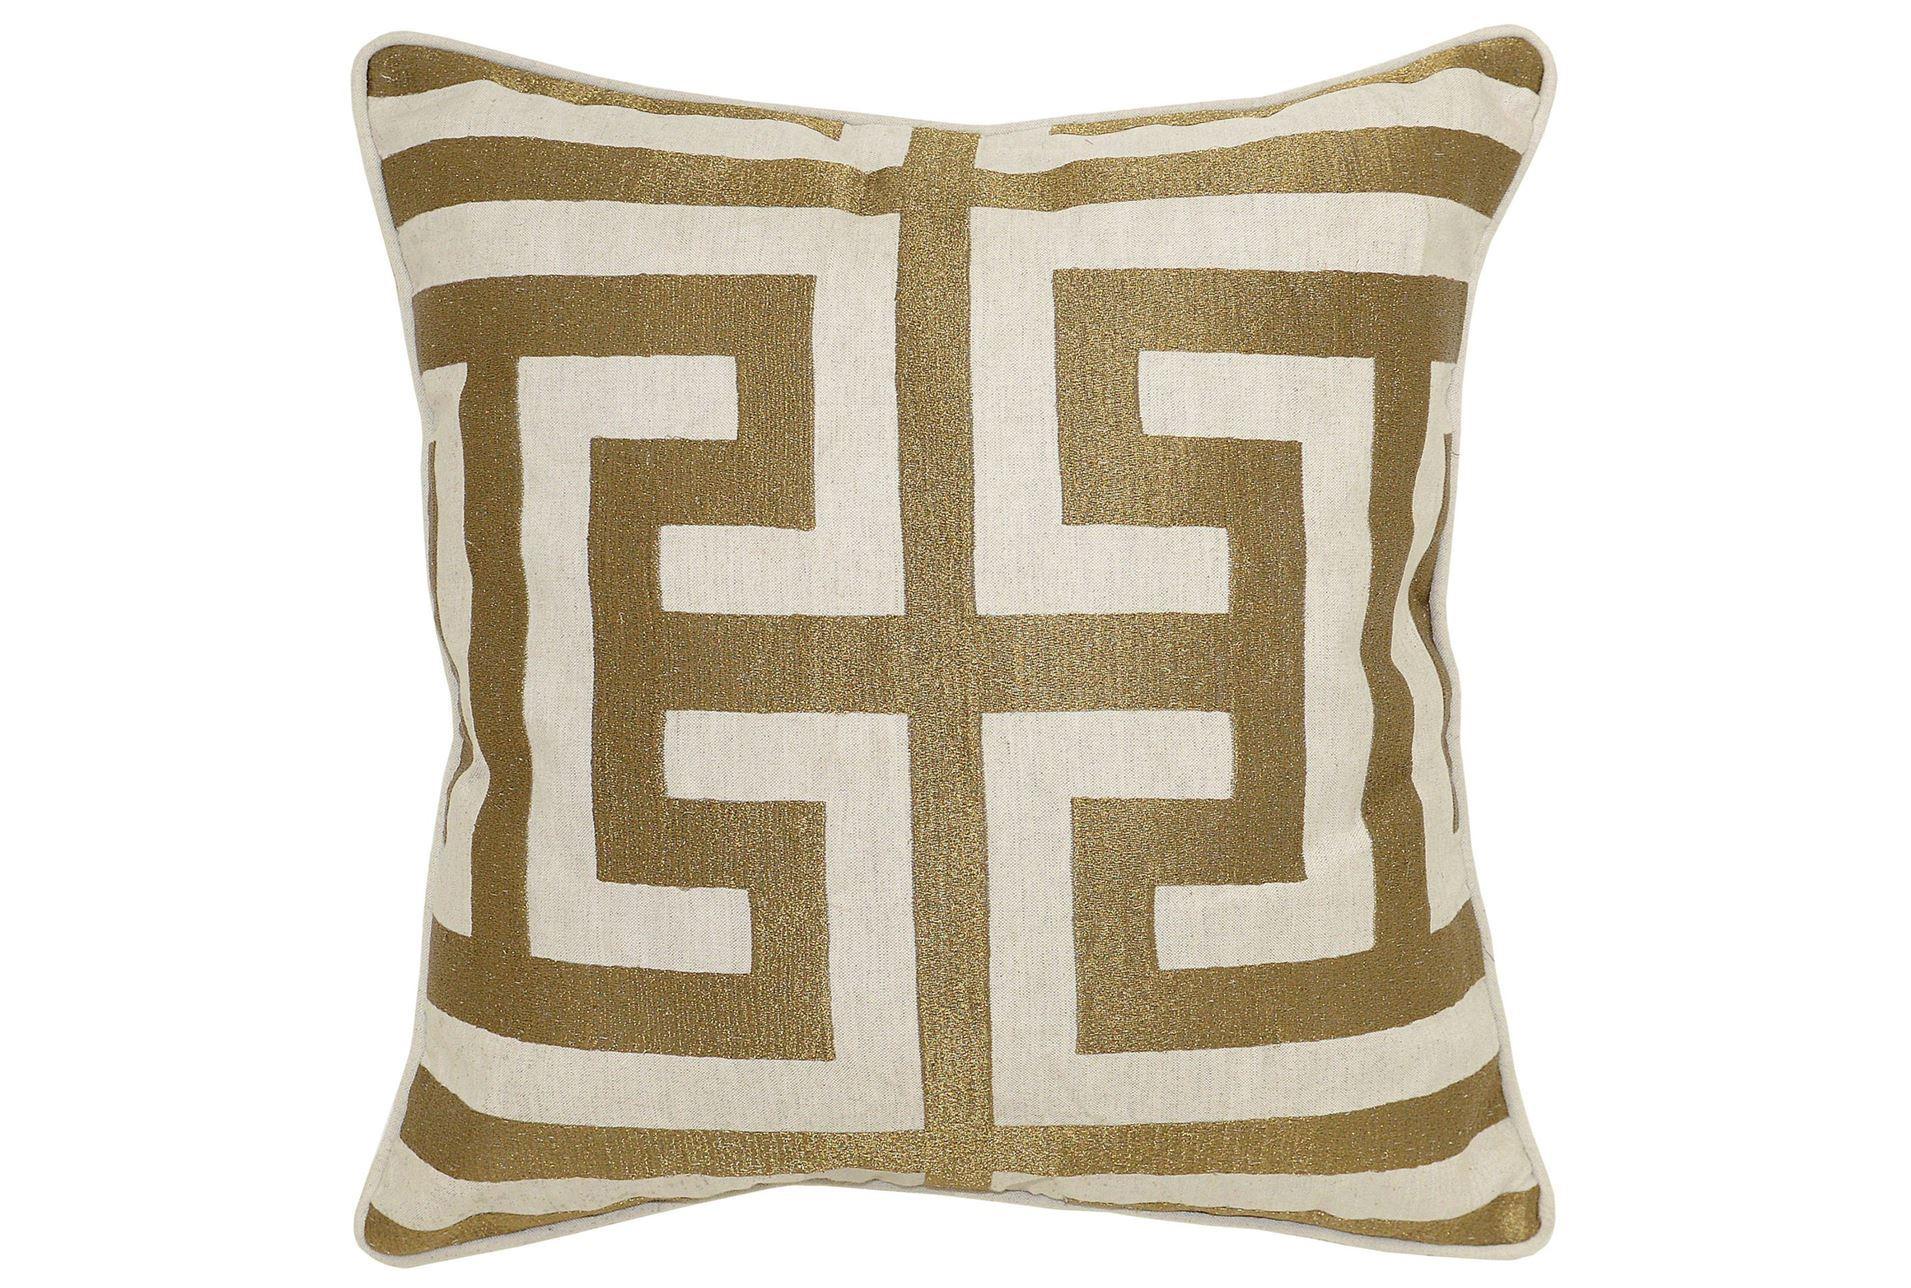 Decorative Pillows Living Spaces : Accent Pillow-Estate Bronze 22X22 - Living Spaces